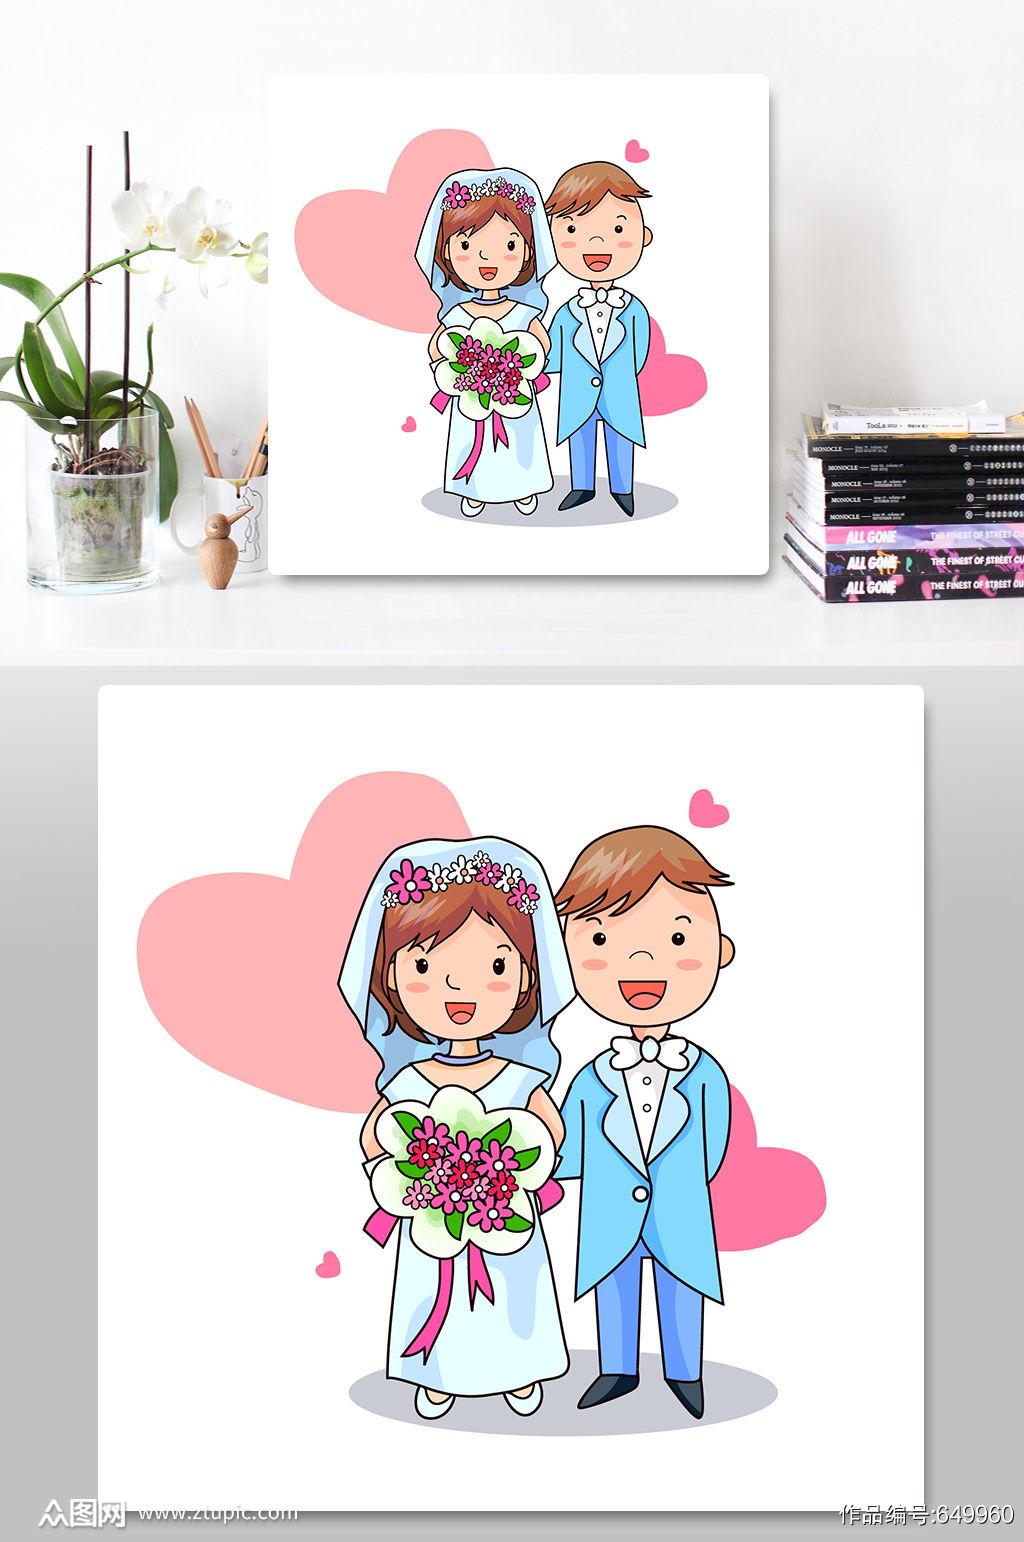 西式婚礼新娘新郎人物素材素材